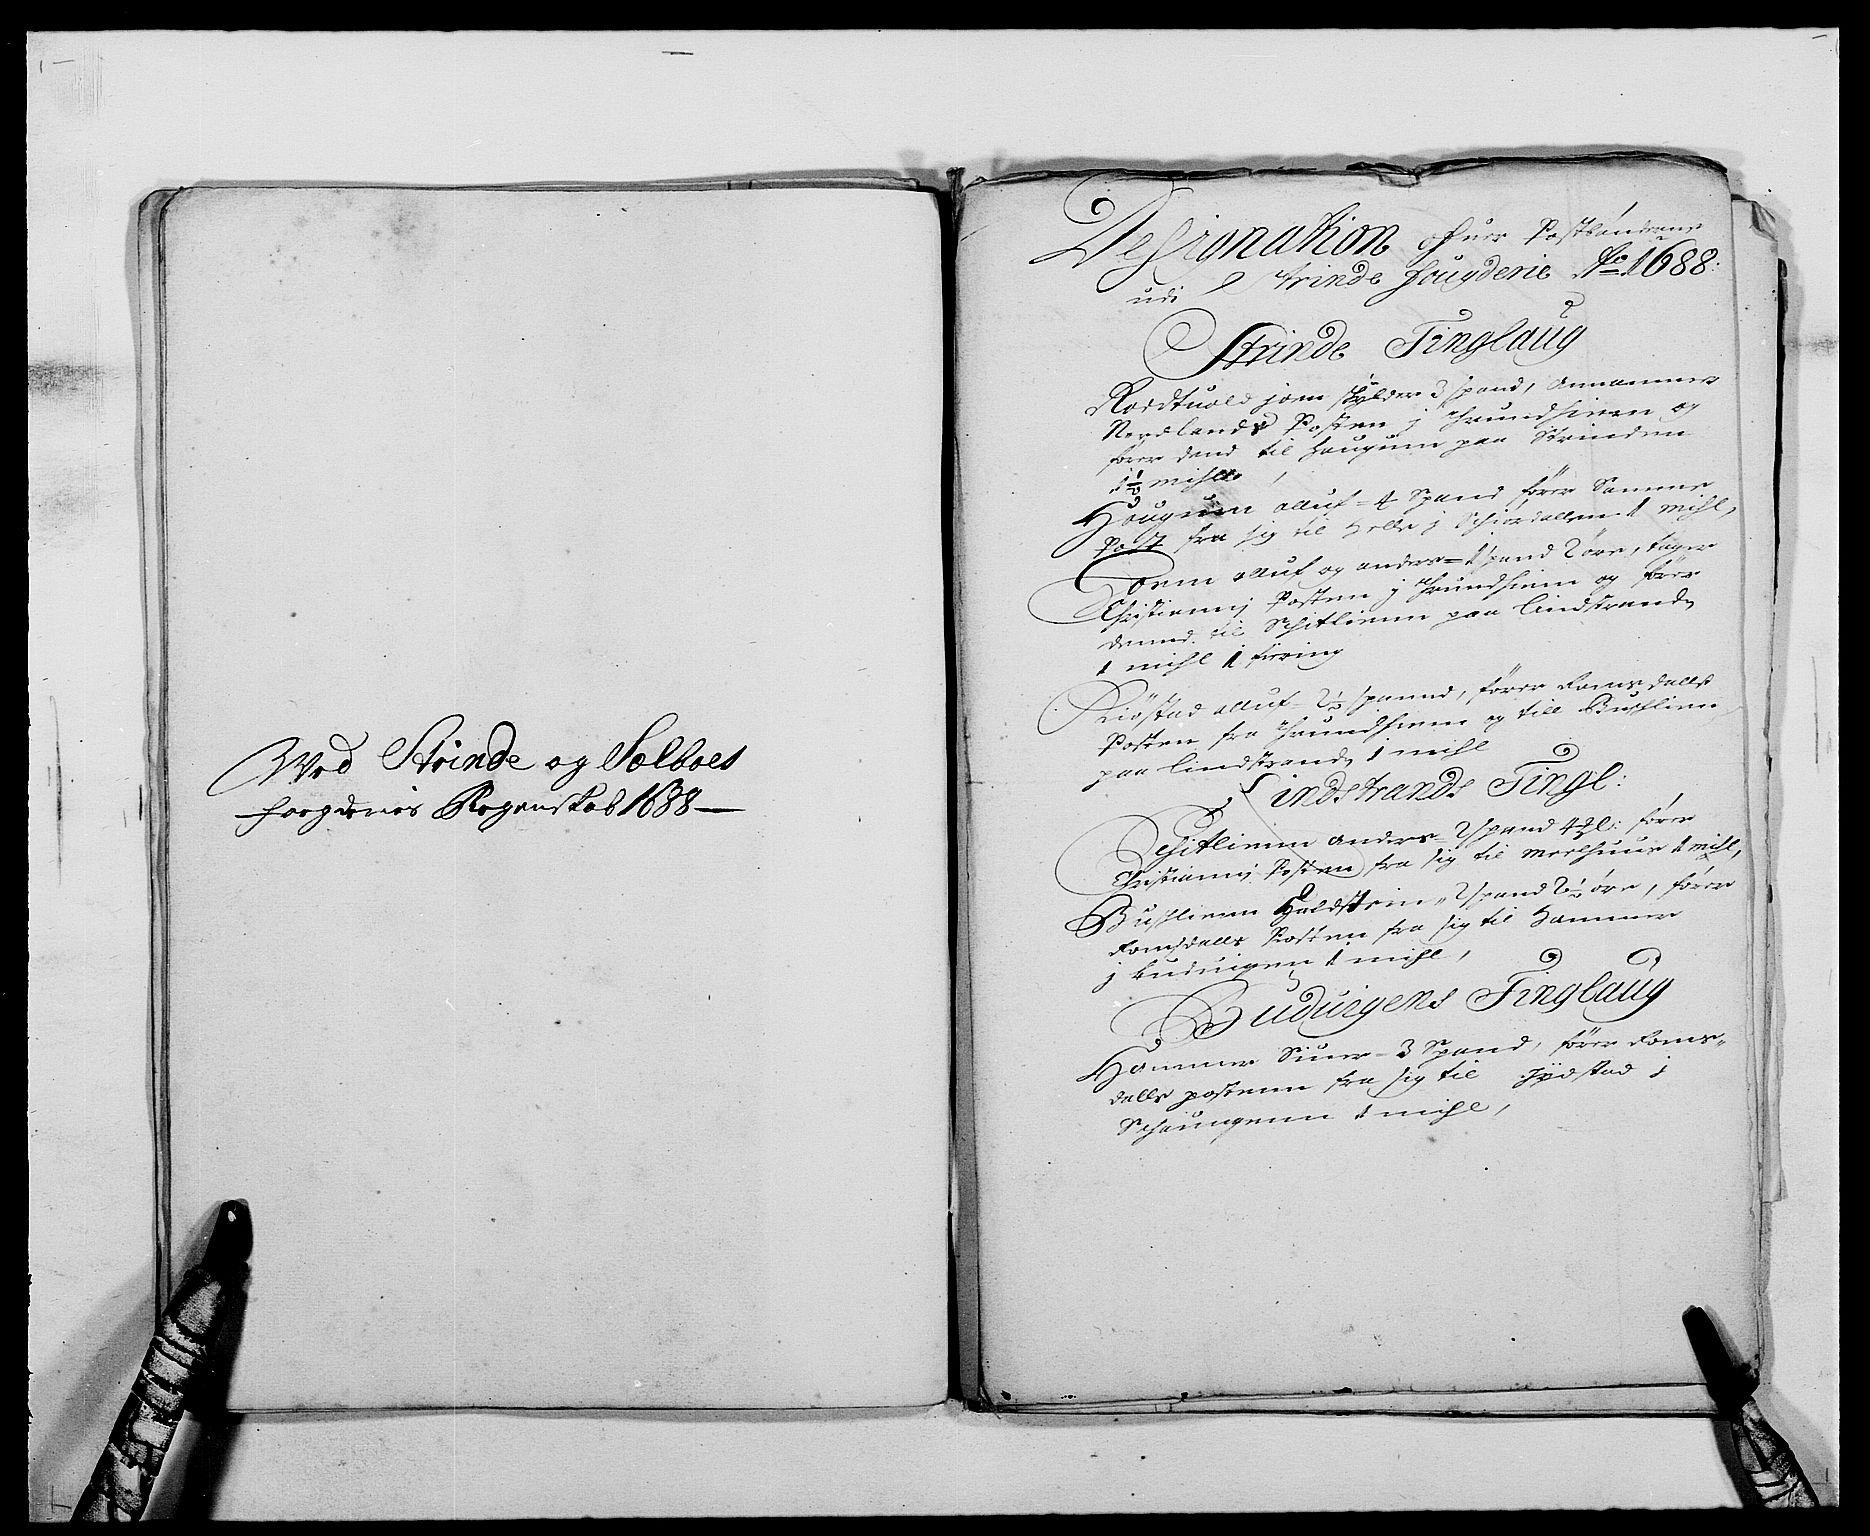 RA, Rentekammeret inntil 1814, Reviderte regnskaper, Fogderegnskap, R61/L4101: Fogderegnskap Strinda og Selbu, 1687-1688, s. 252